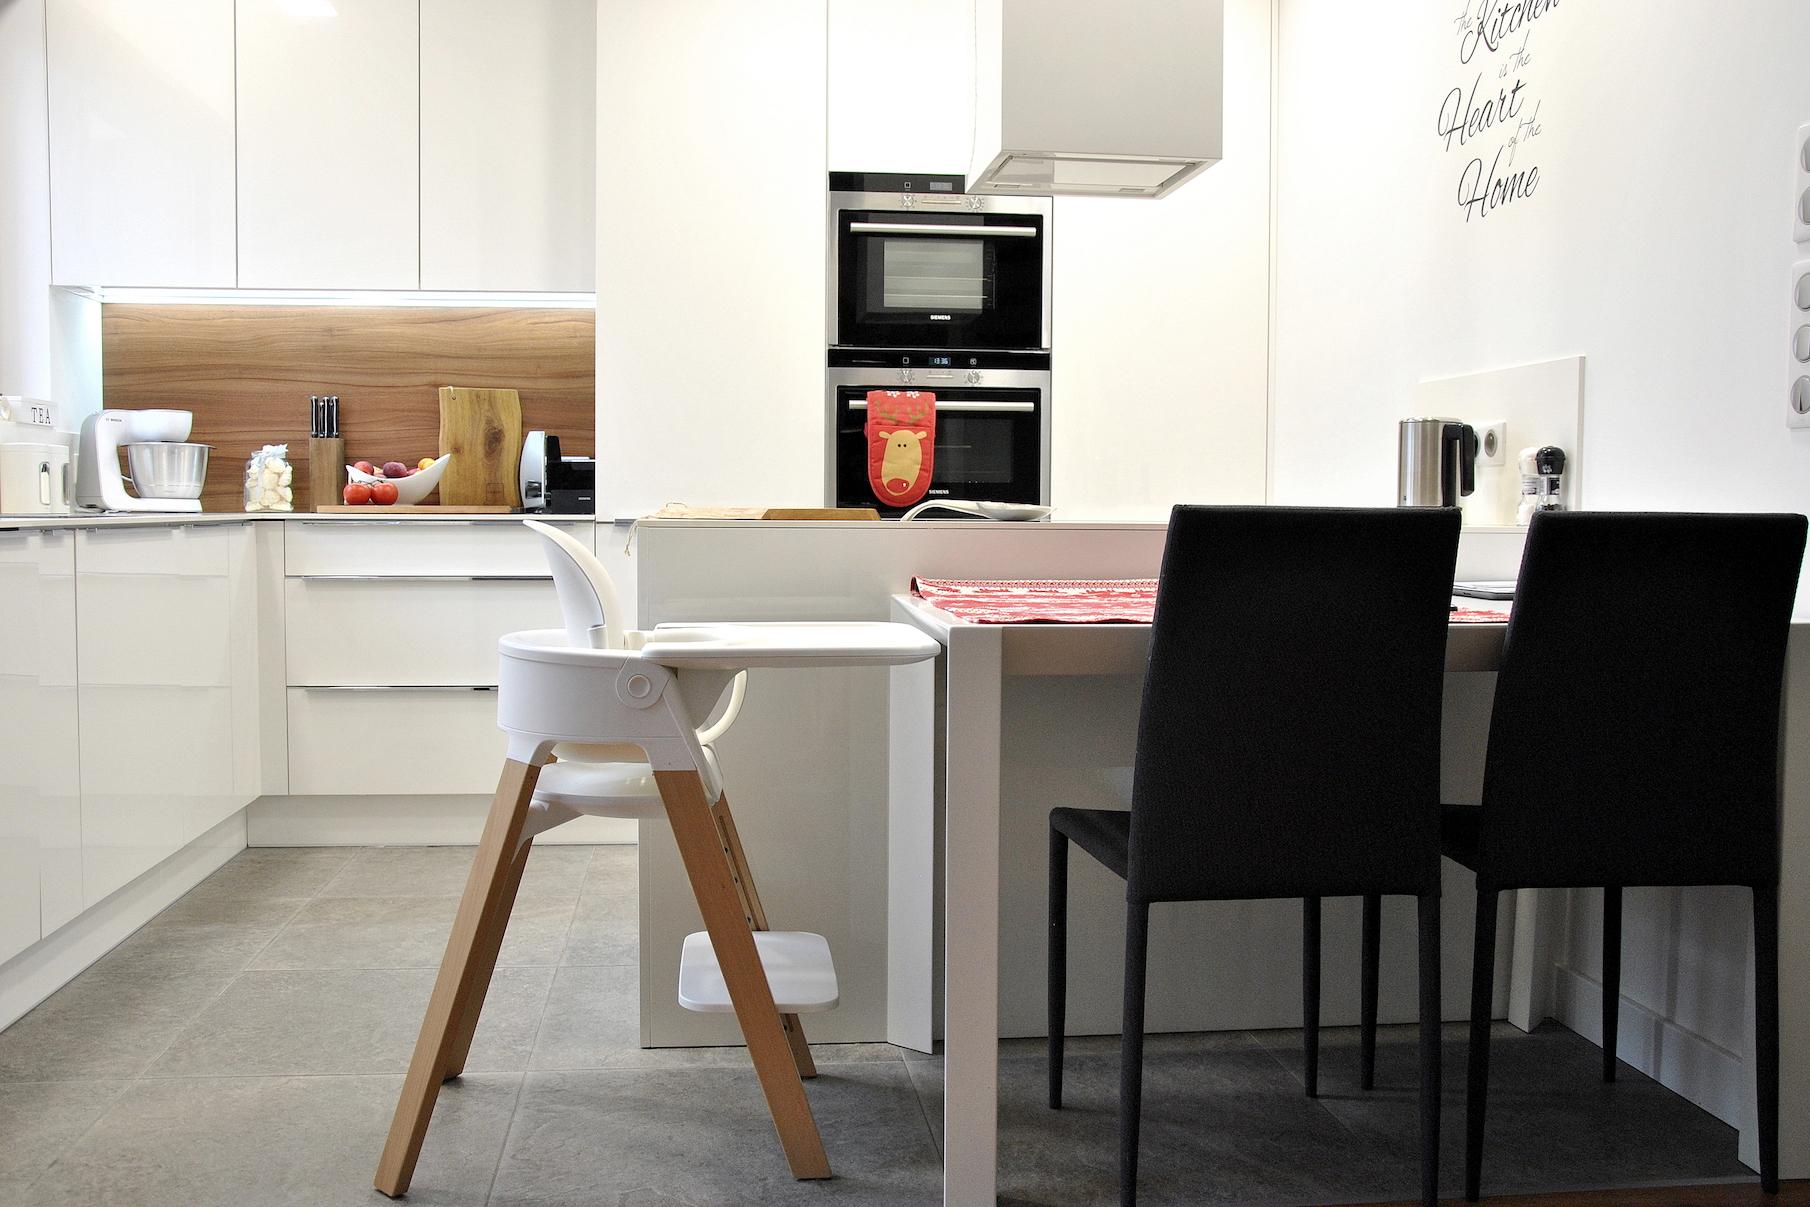 krzesełko stokke w kuchni